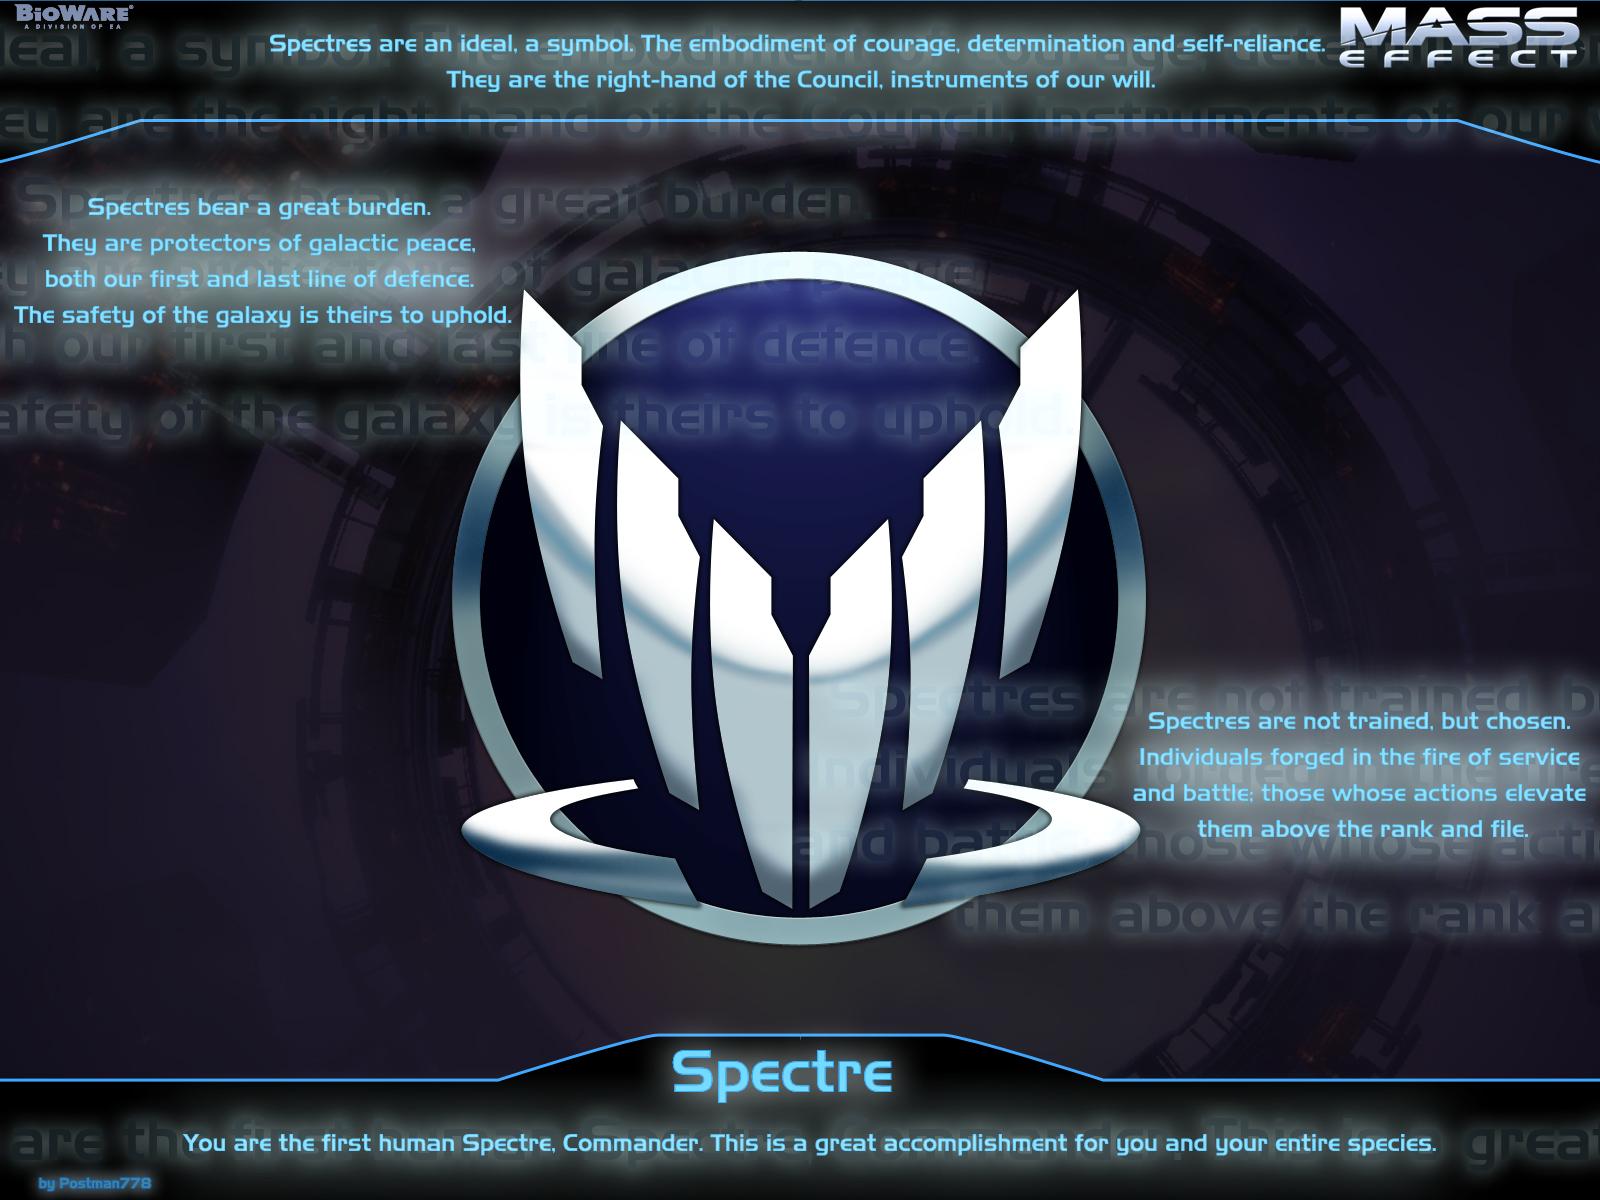 Mass Effect Spectre Wallpaper Good Galleries 1600x1200